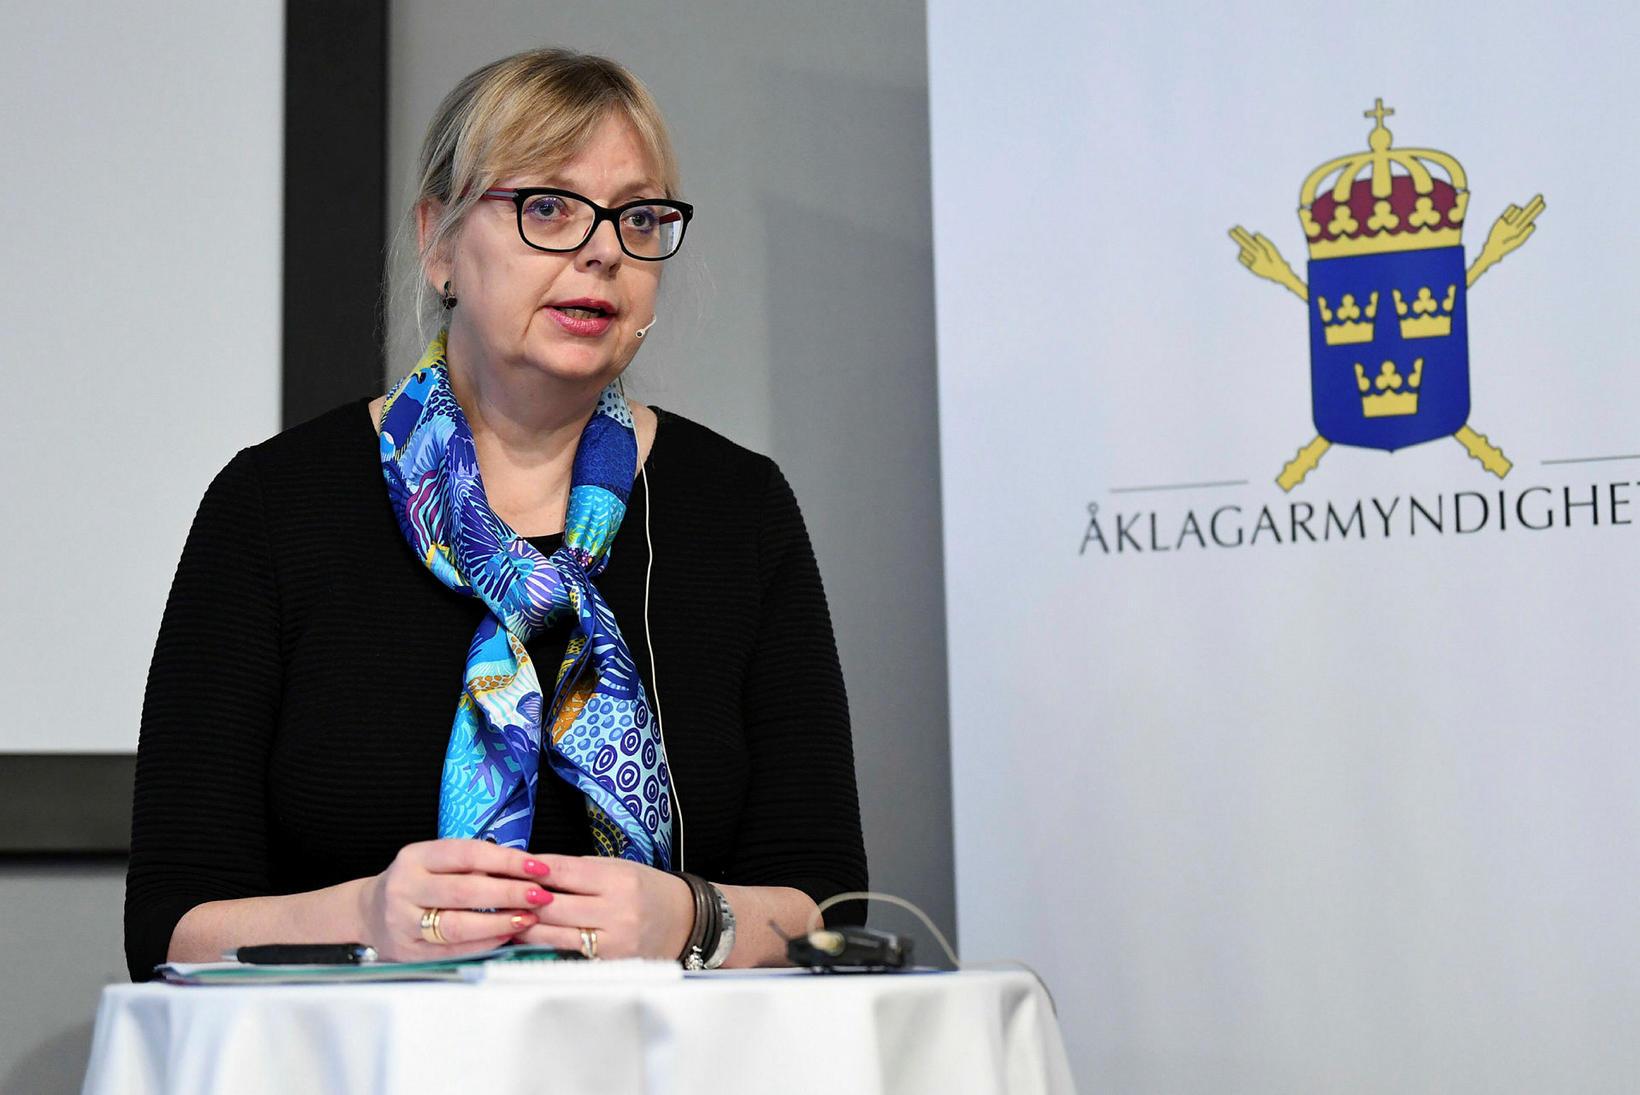 Eva-Marie Persson greindi frá ákvörðuninni á blaðamannafundi í dag.